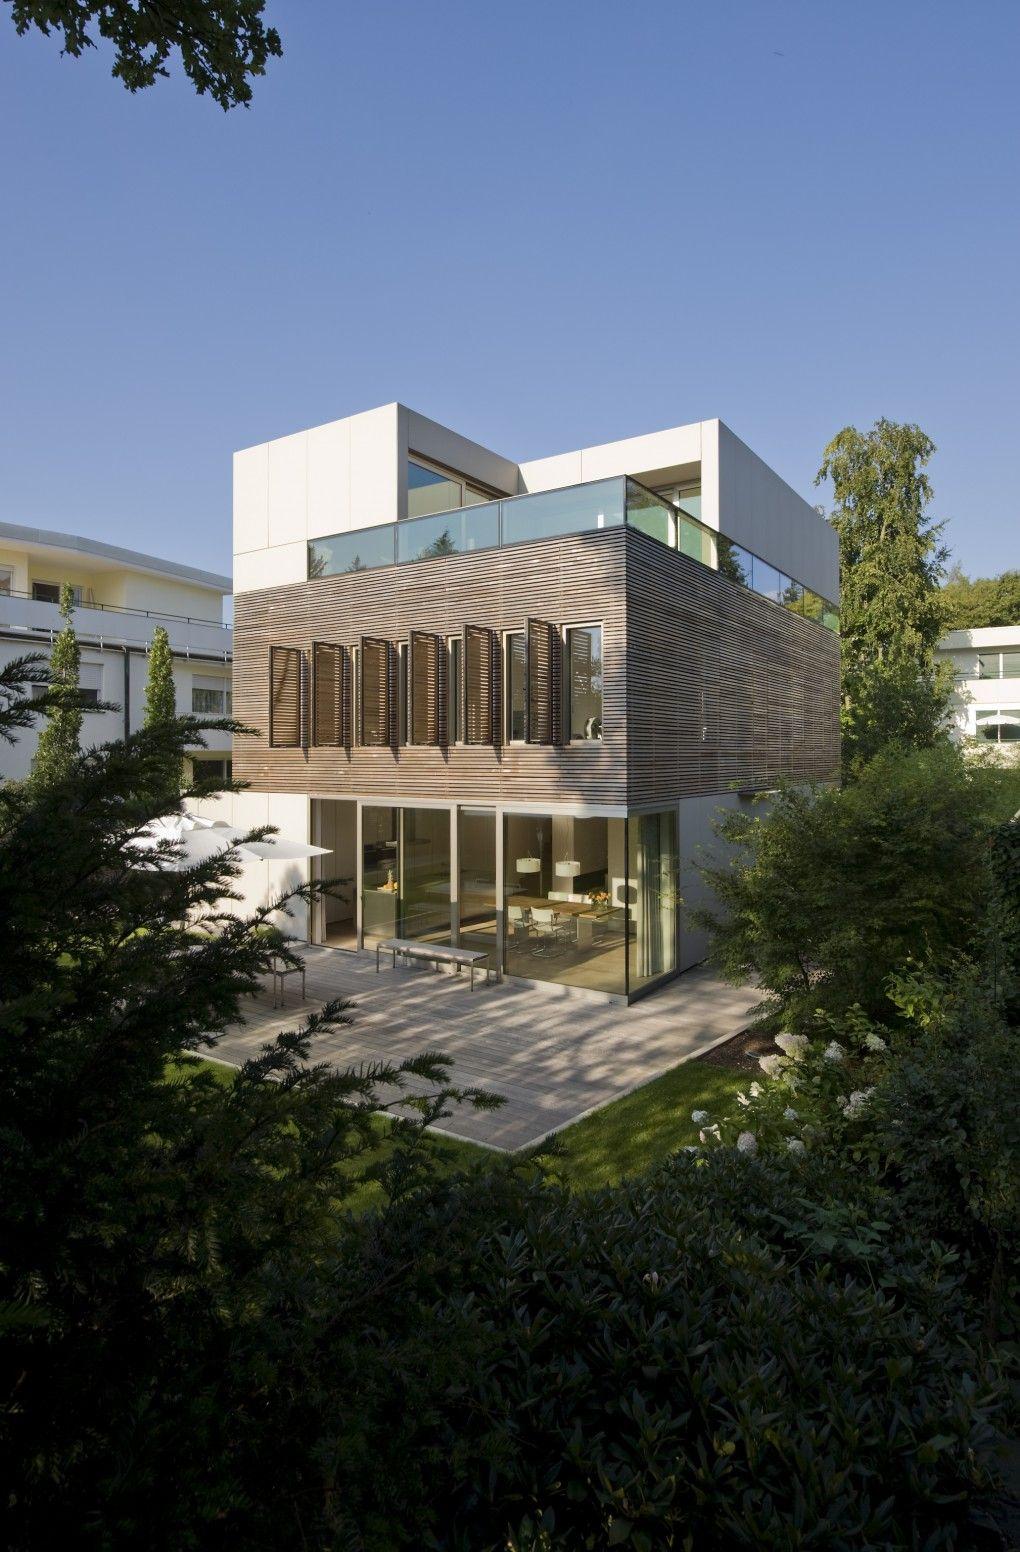 Haus KA von Lynx Architekten   Domicile - New ways @ Home ...